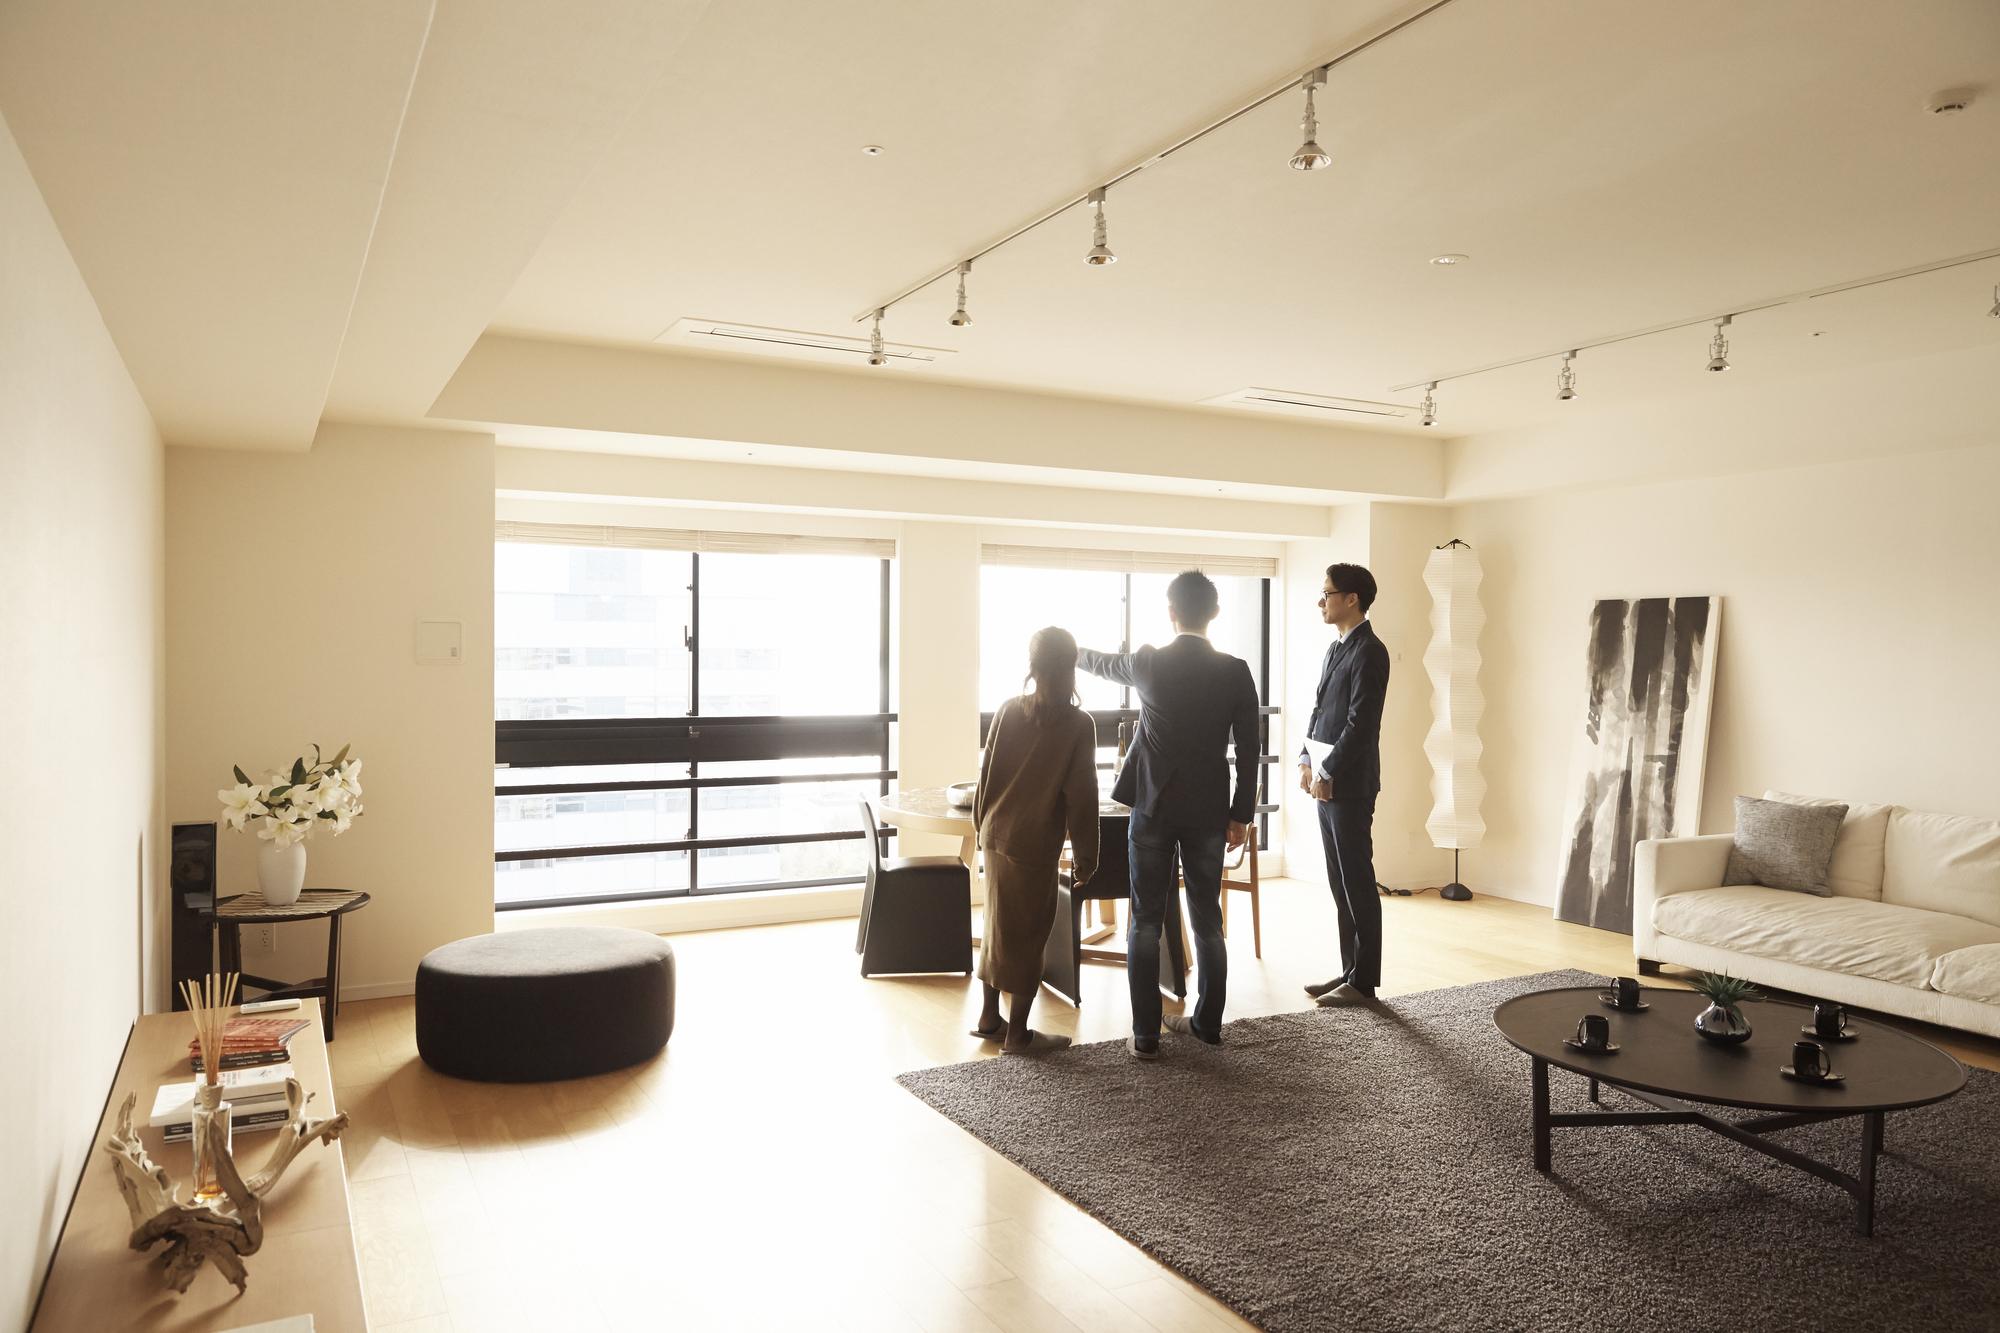 知ってますか?引越しの多い人が家具家電付き賃貸を選ぶ理由